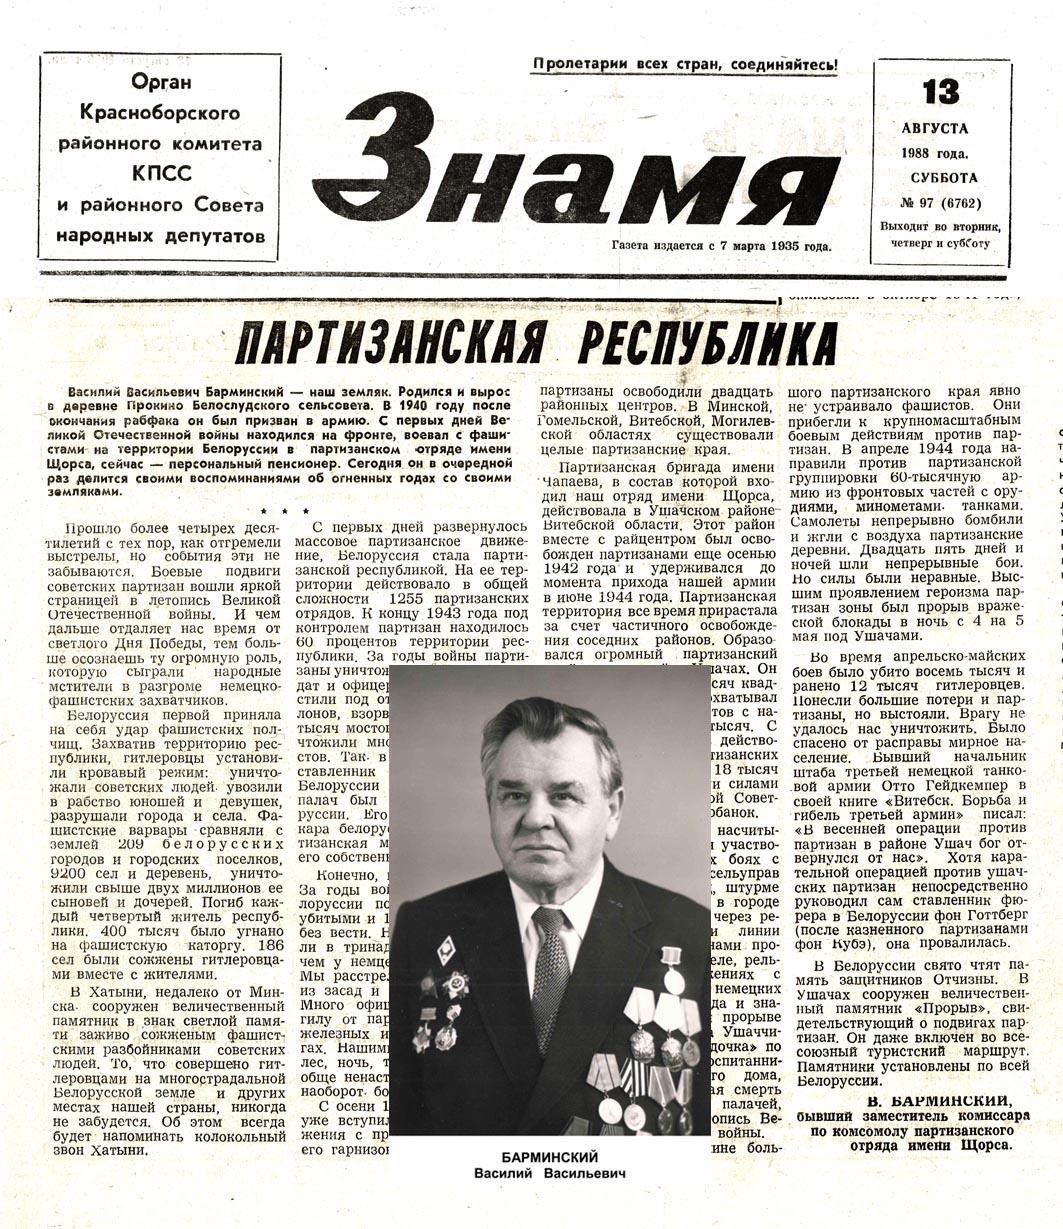 На фото: БЕЛОРУССИЯ — ПАРТИЗАНСКАЯ РЕСПУБЛИКА, автор: barminsky4